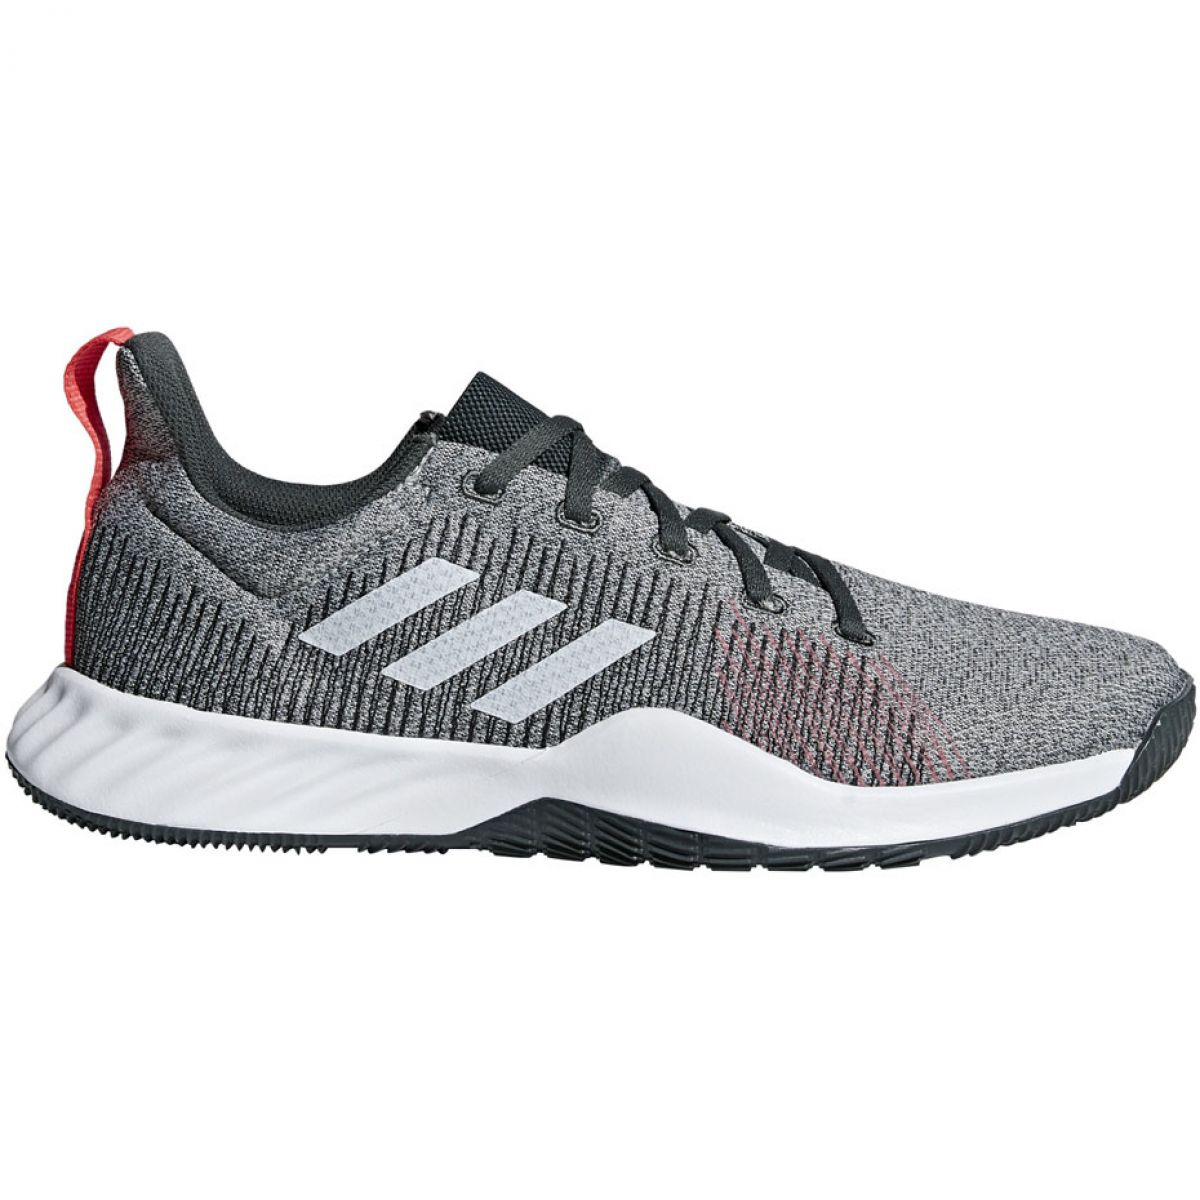 Grau Adidas Solar Lt Trainer M BB7240 Schuhe